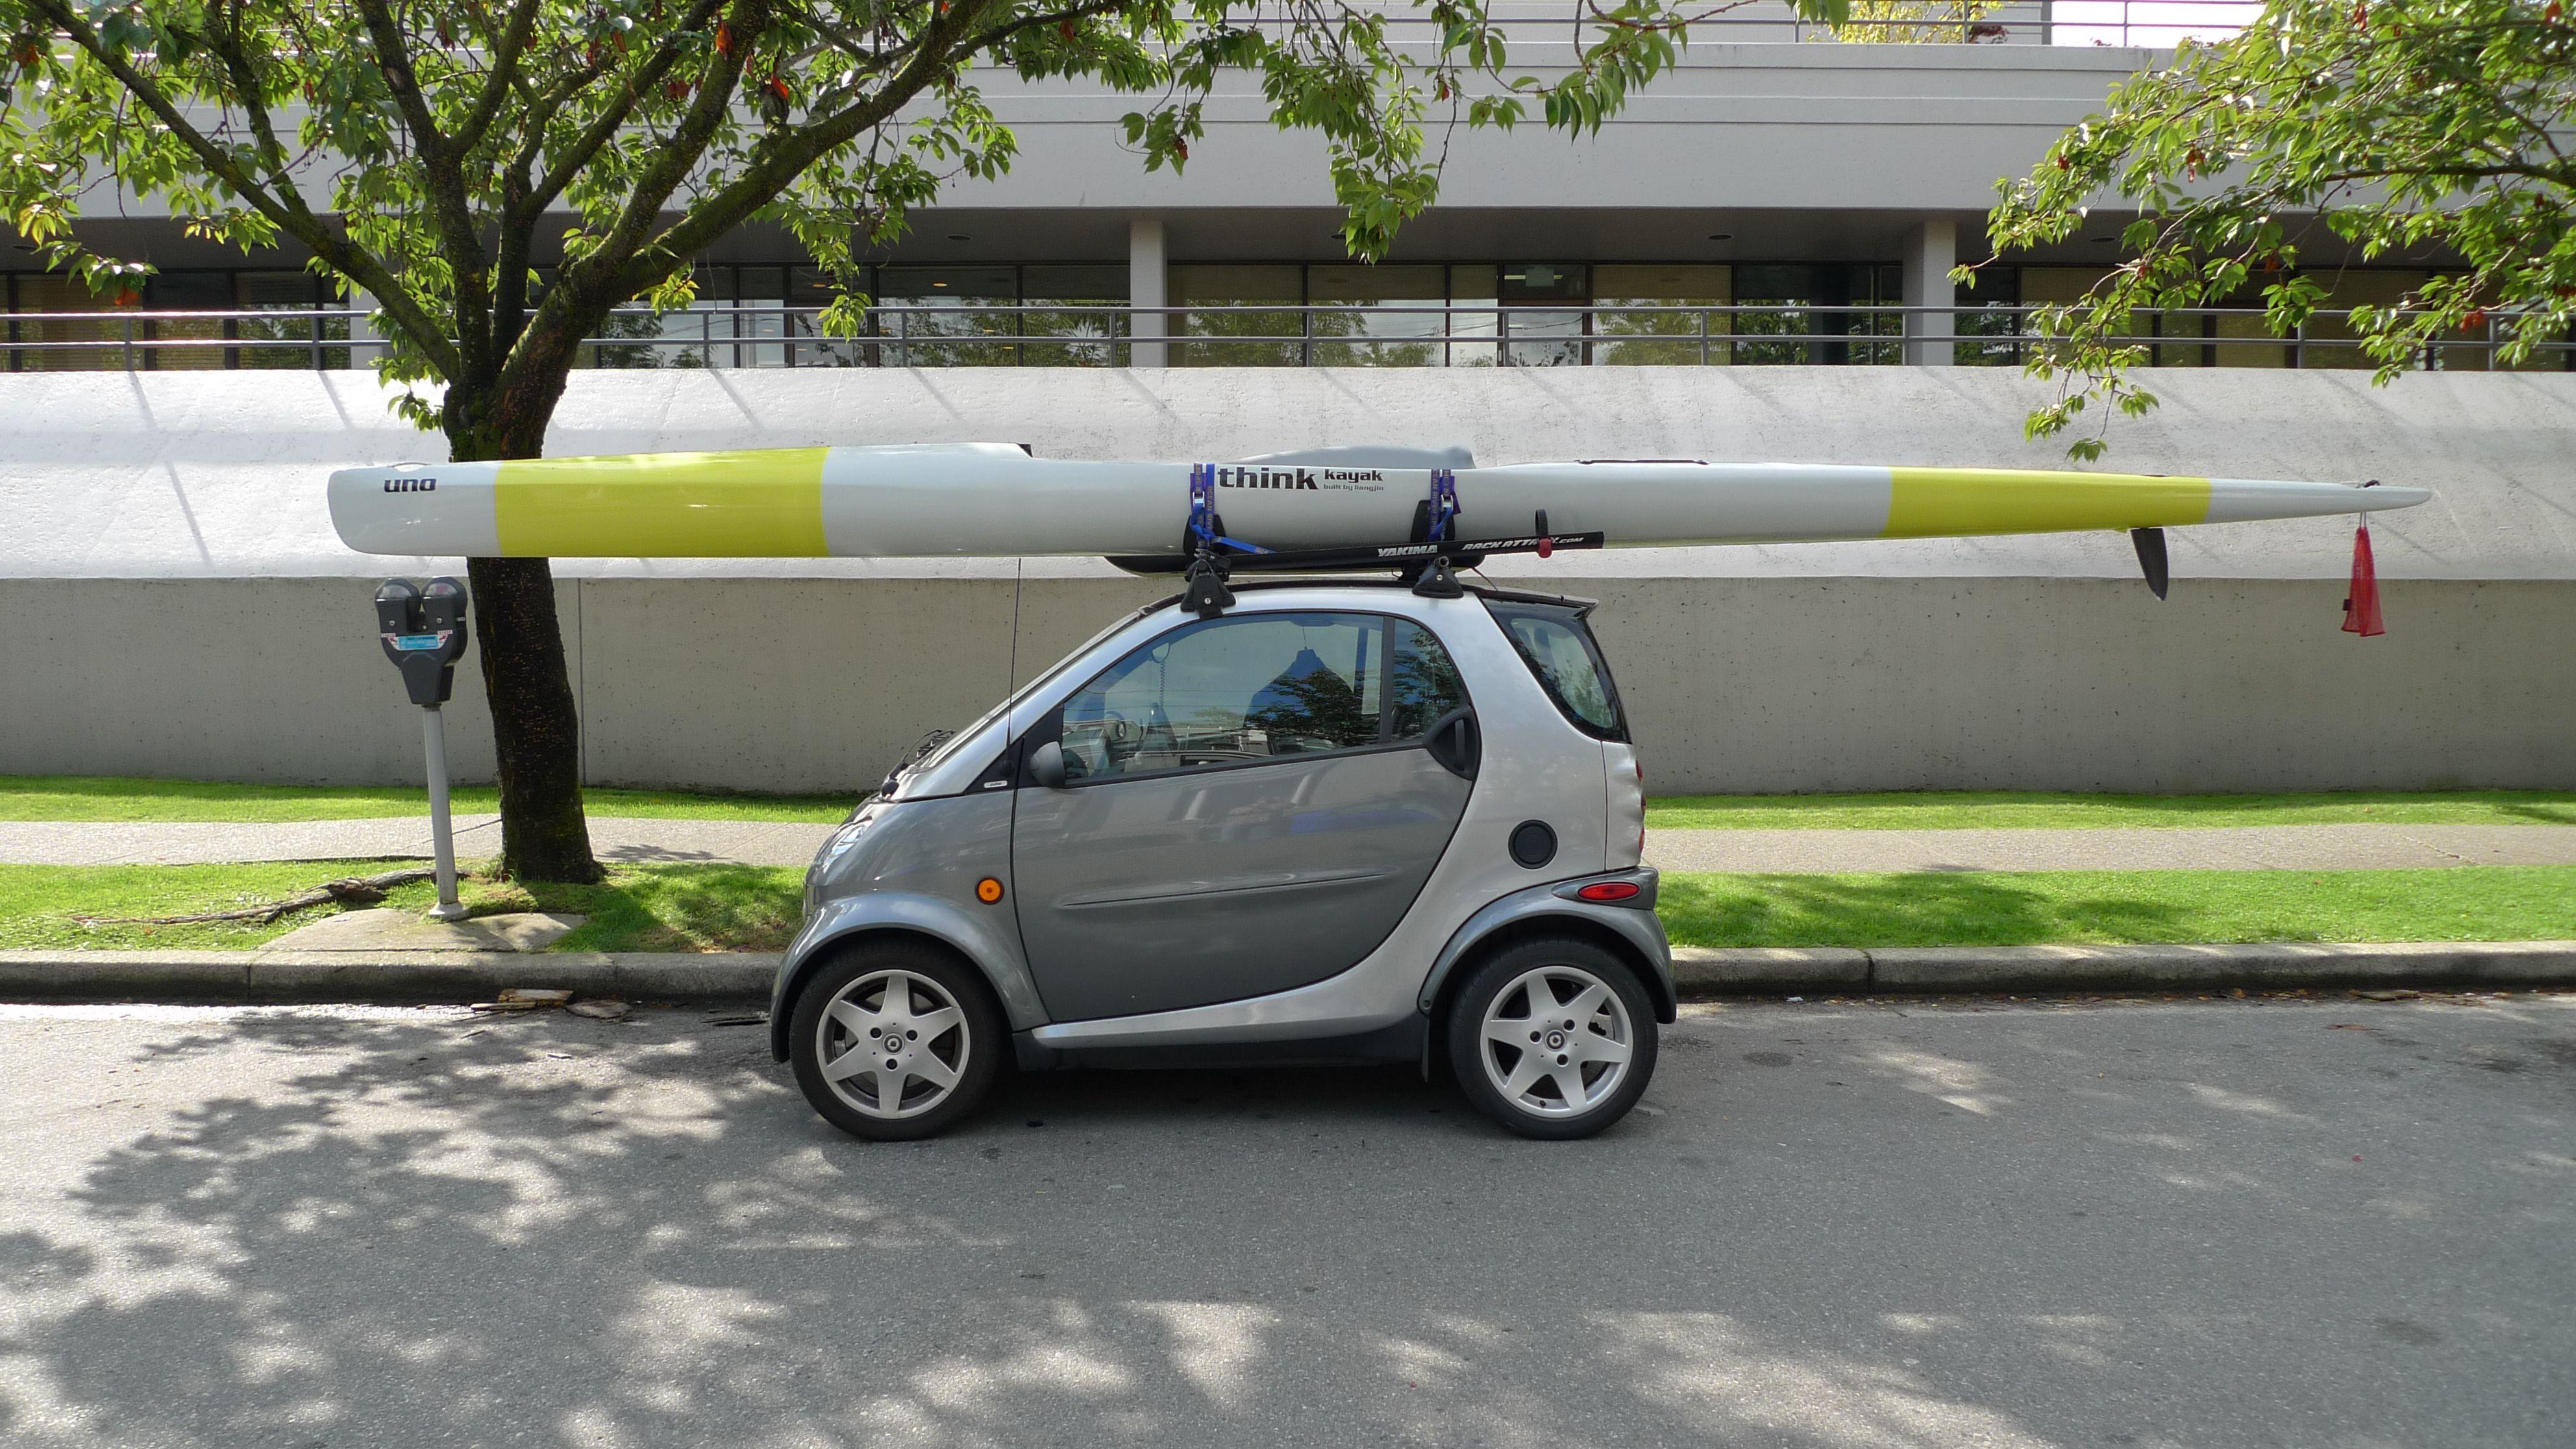 Smart Cars And Kayaks Maybe We Need A Kayak Rack Along